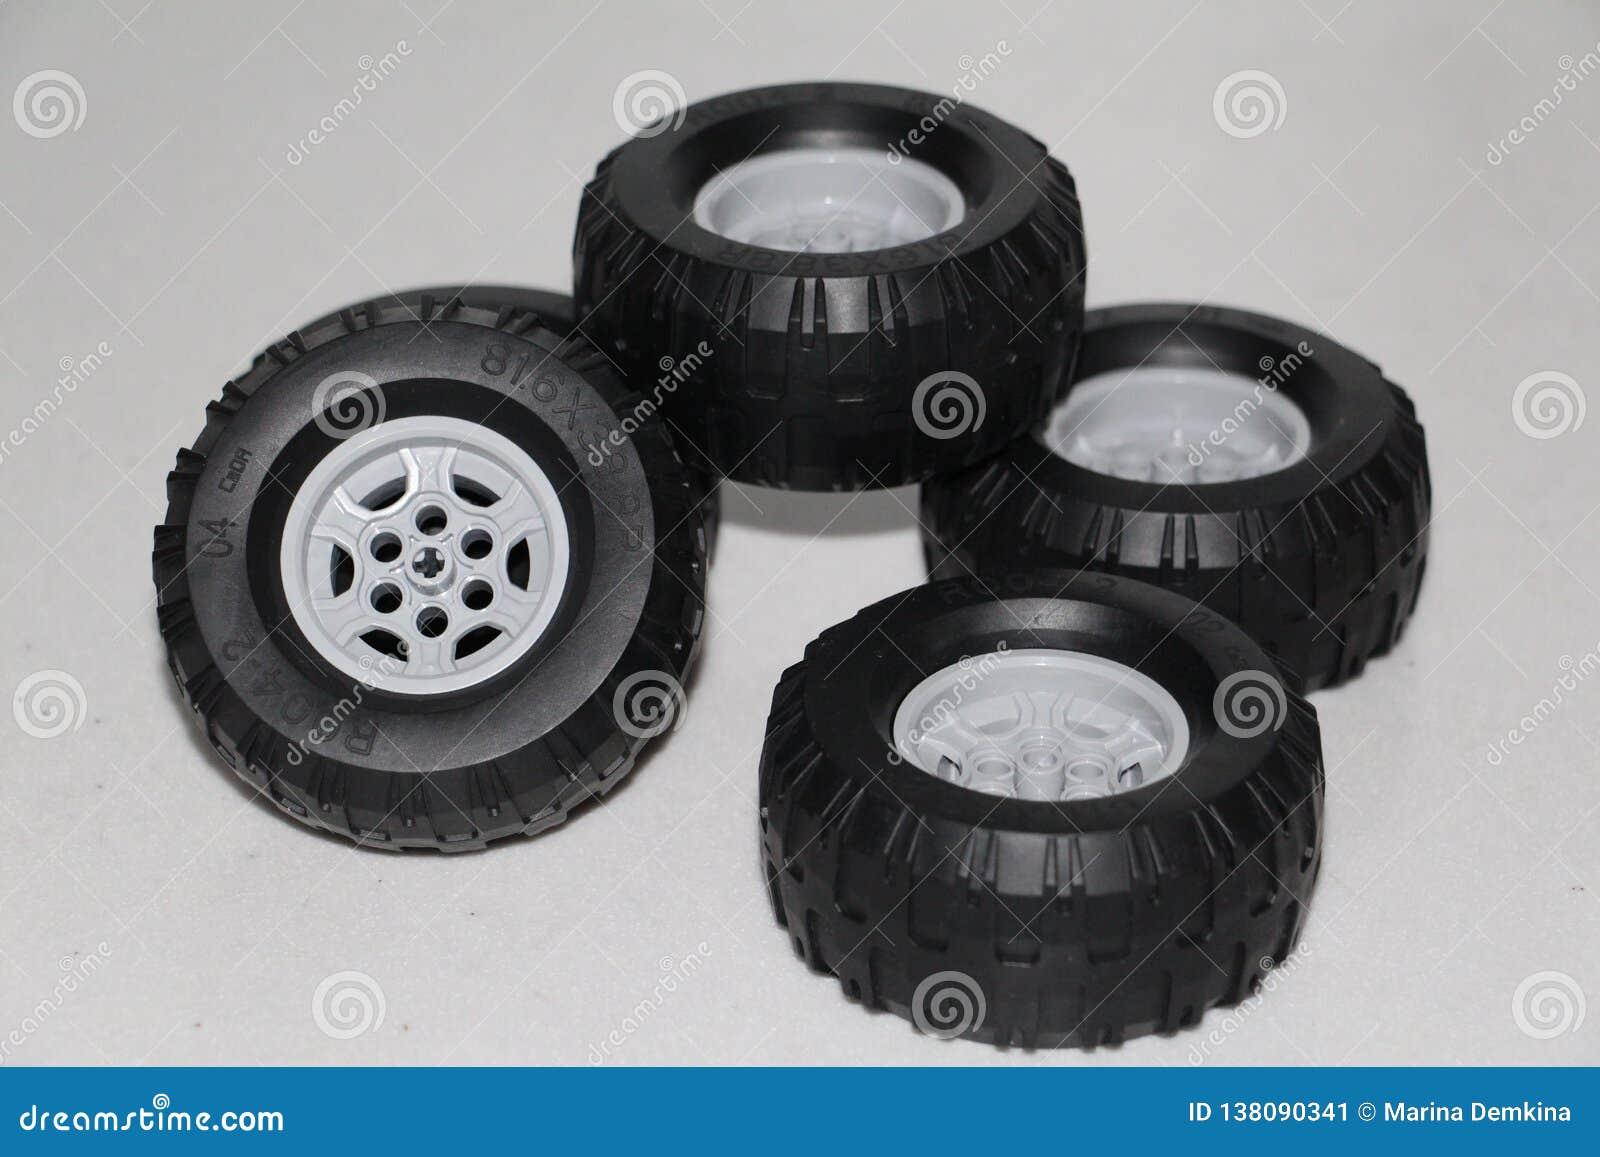 Die Räder werden vom Auto, die Räder sind Gummispielzeug abmontiert